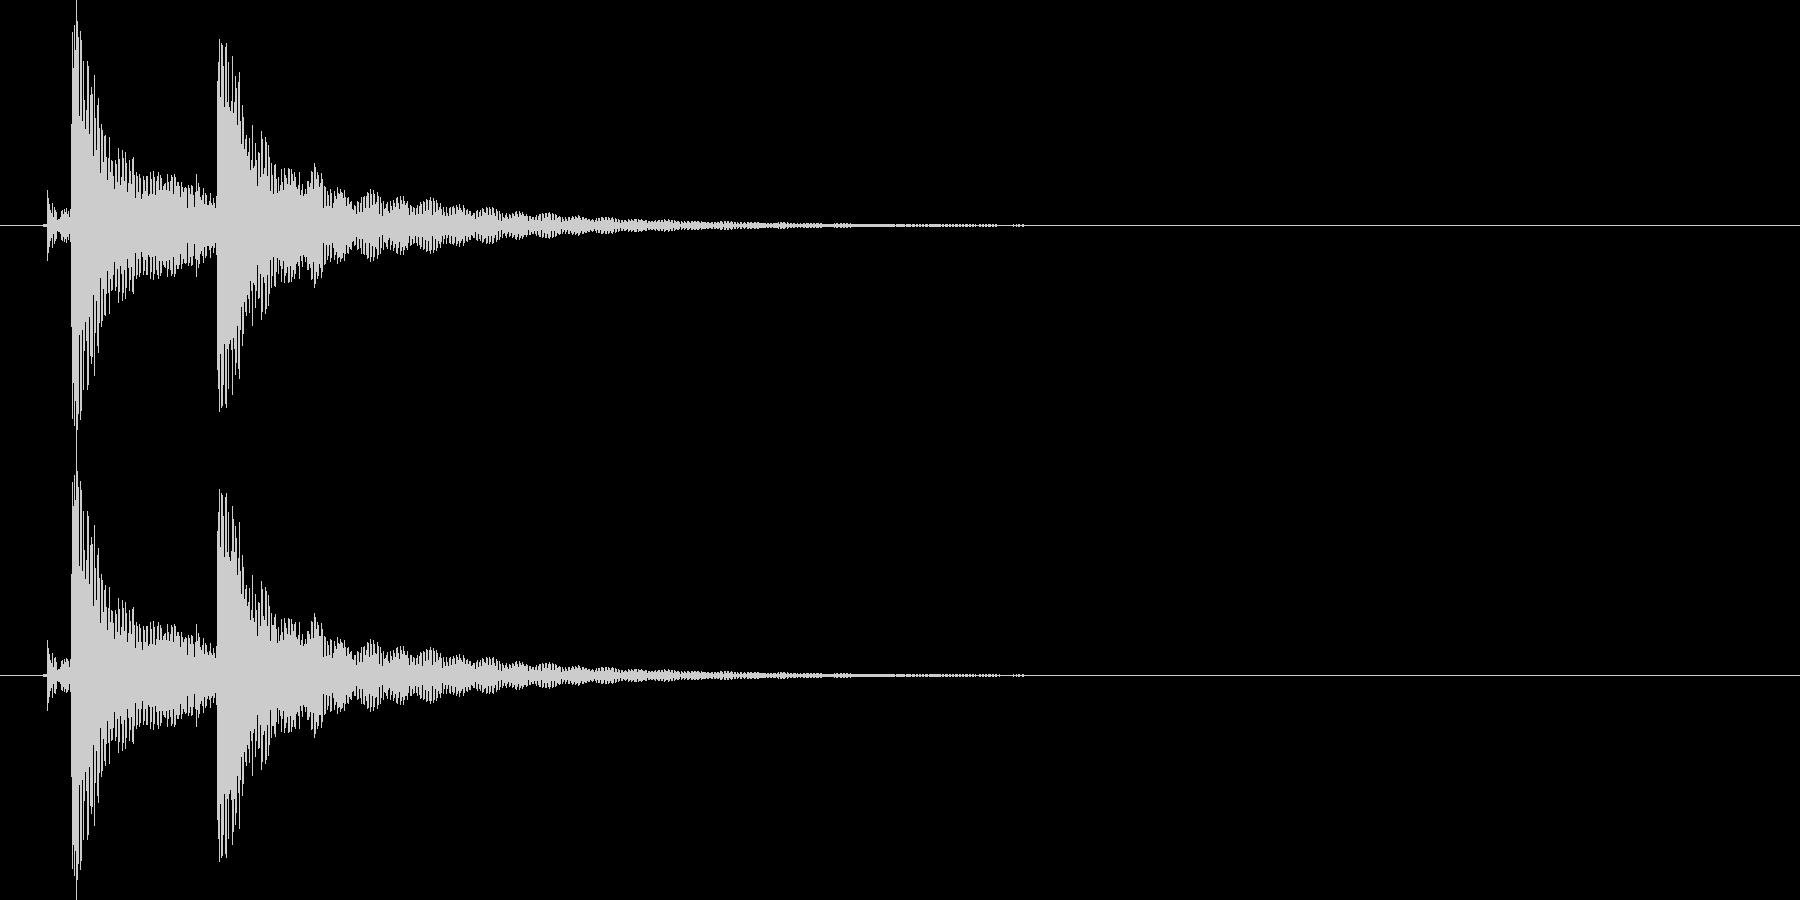 沖縄風クリック・タップ音1の未再生の波形